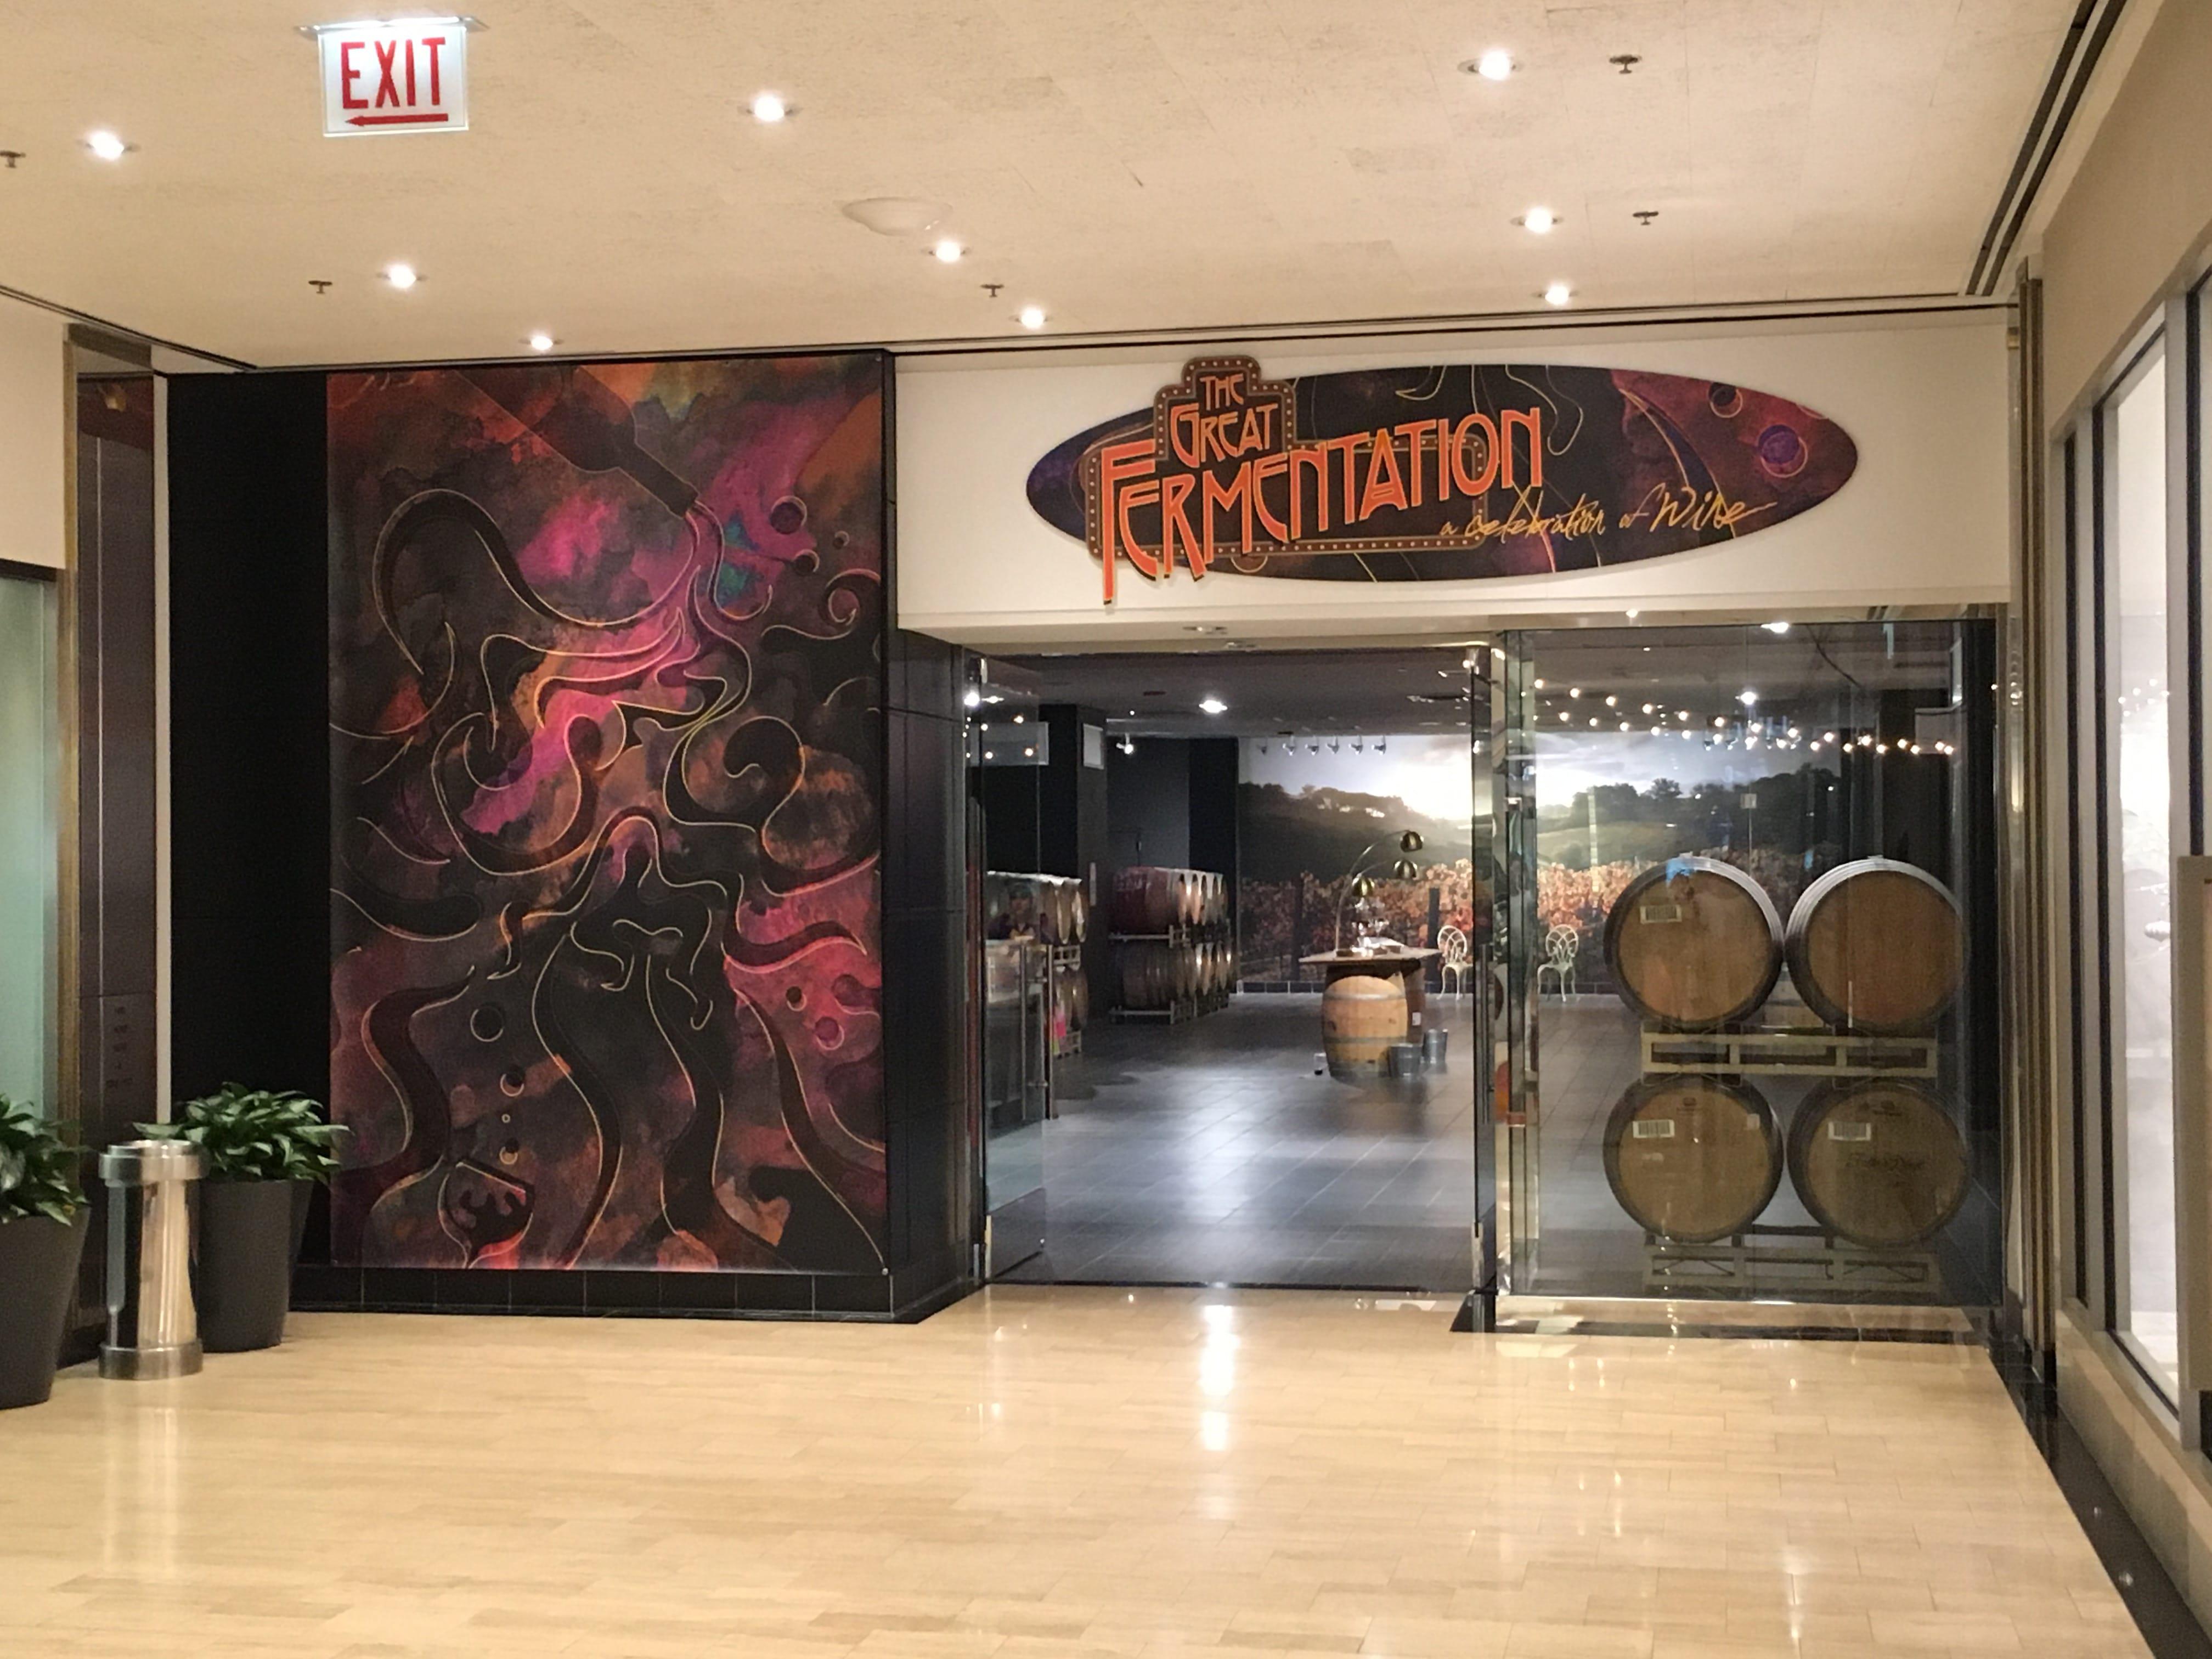 Great Fermentation Oversized Sintra Board Sign